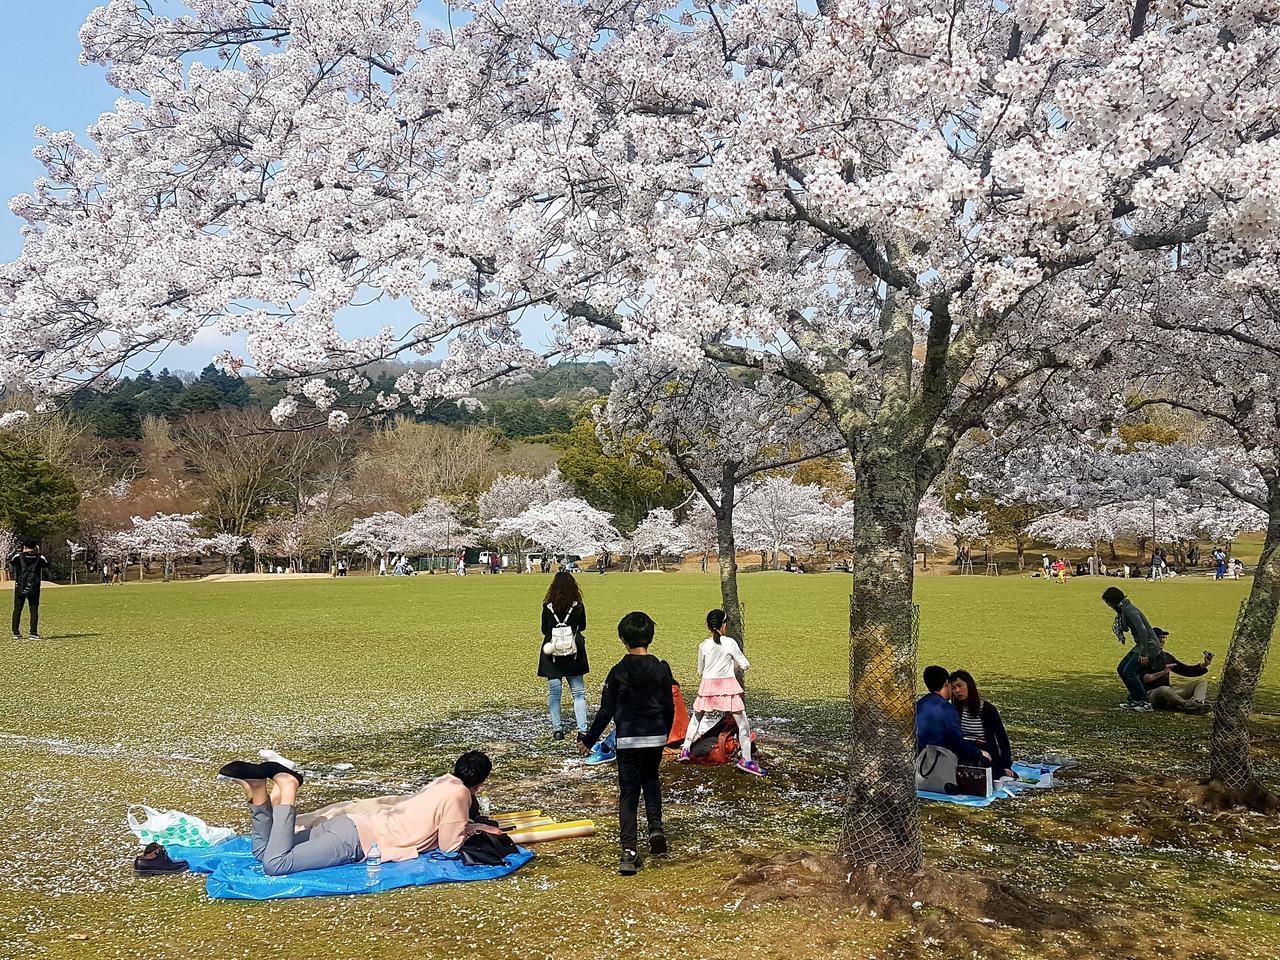 wisnie Nara Japonia piknik